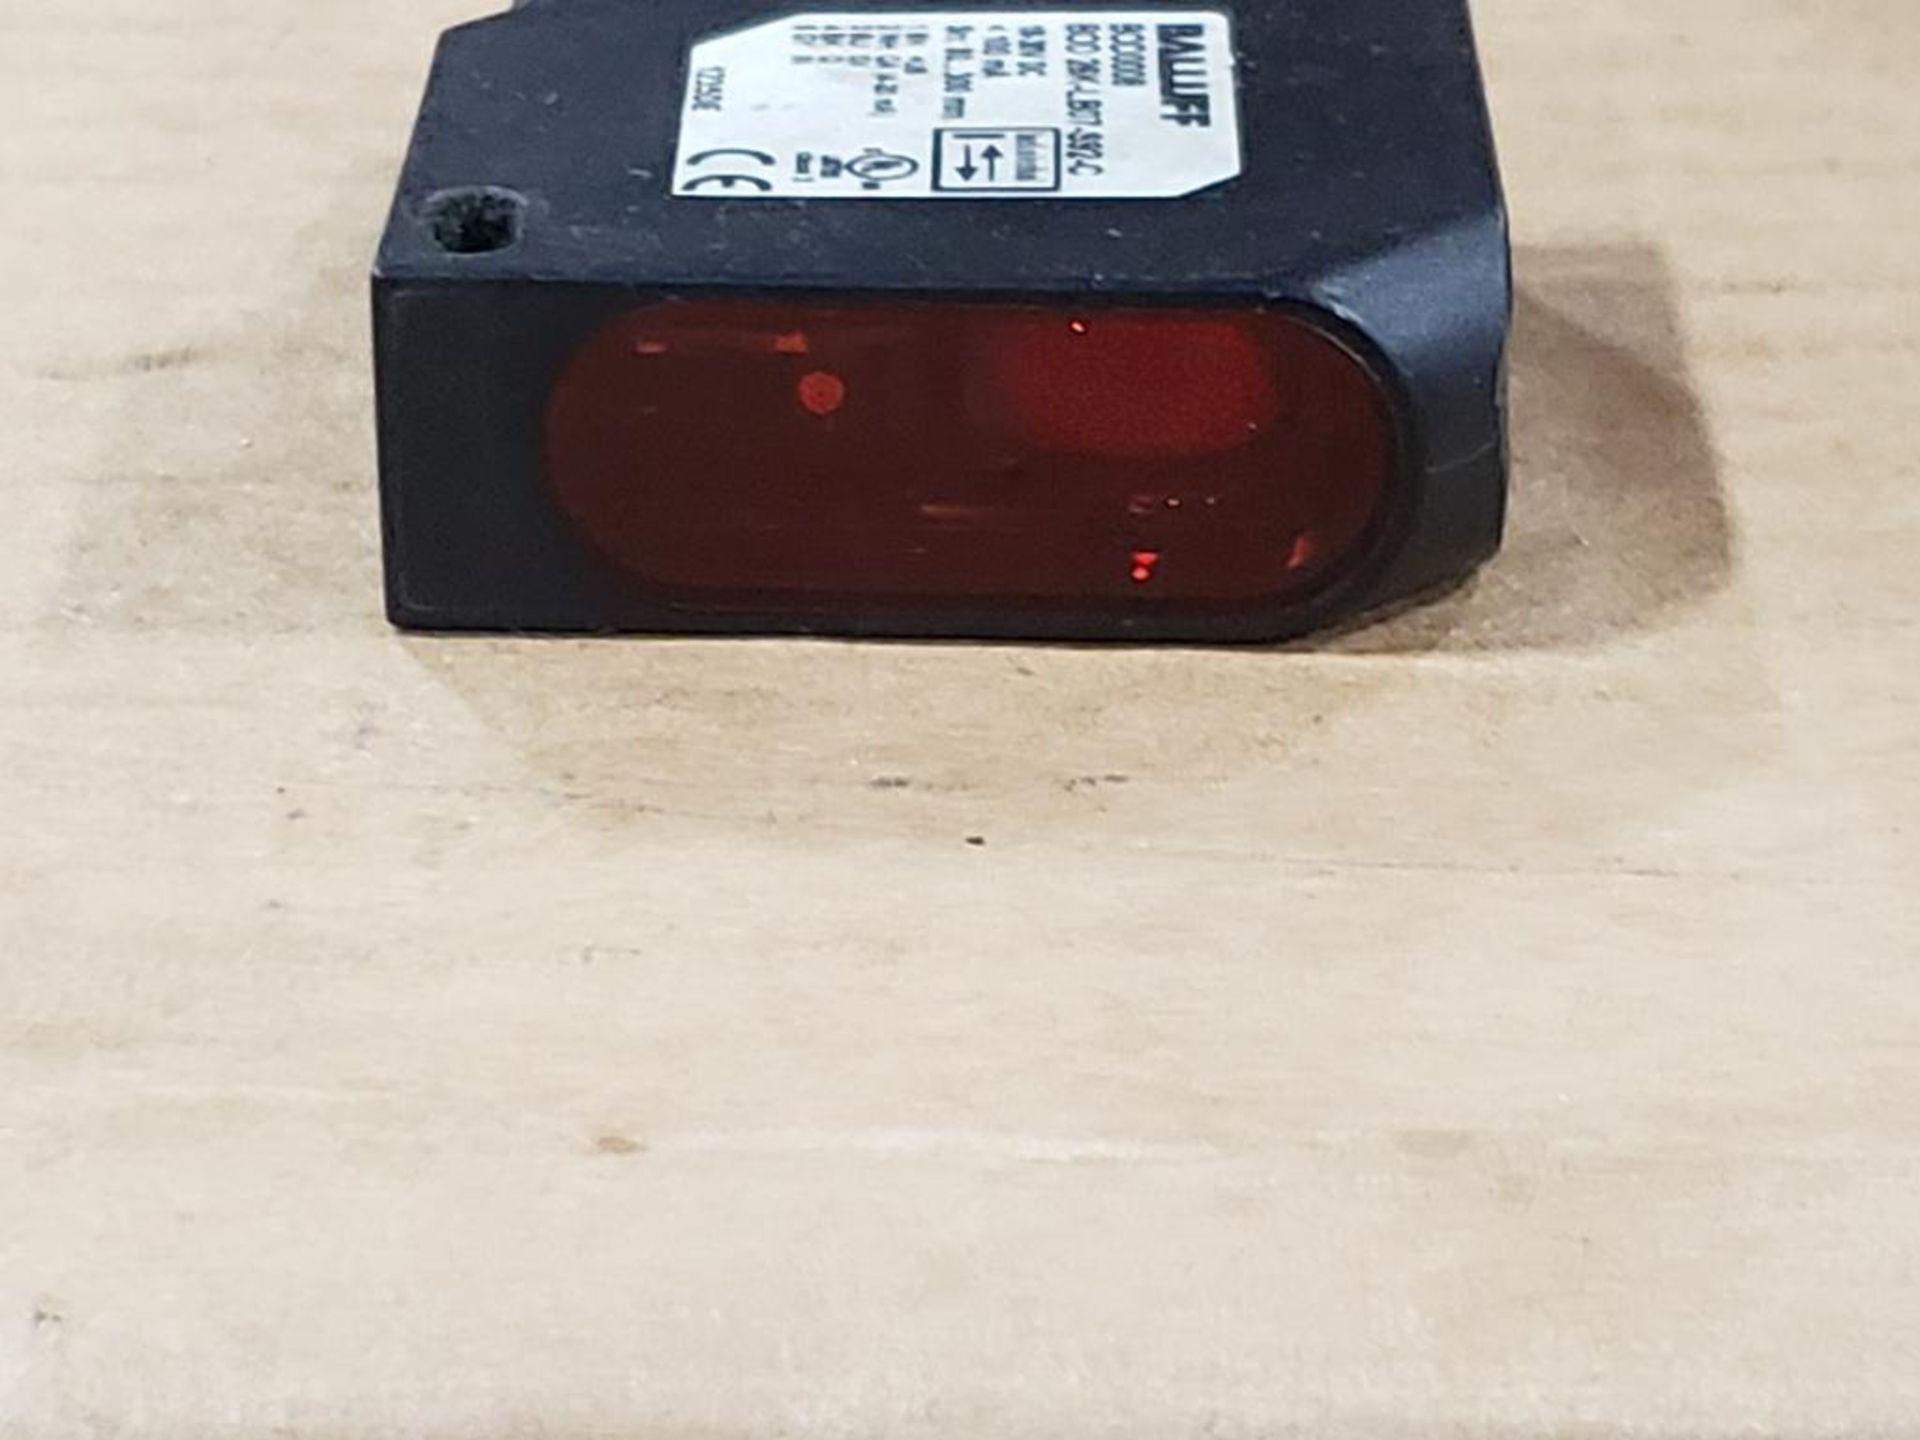 Qty 3 - Balluff BOD0008 BOD 26K-LB07-S92-C Sensor. - Image 3 of 10